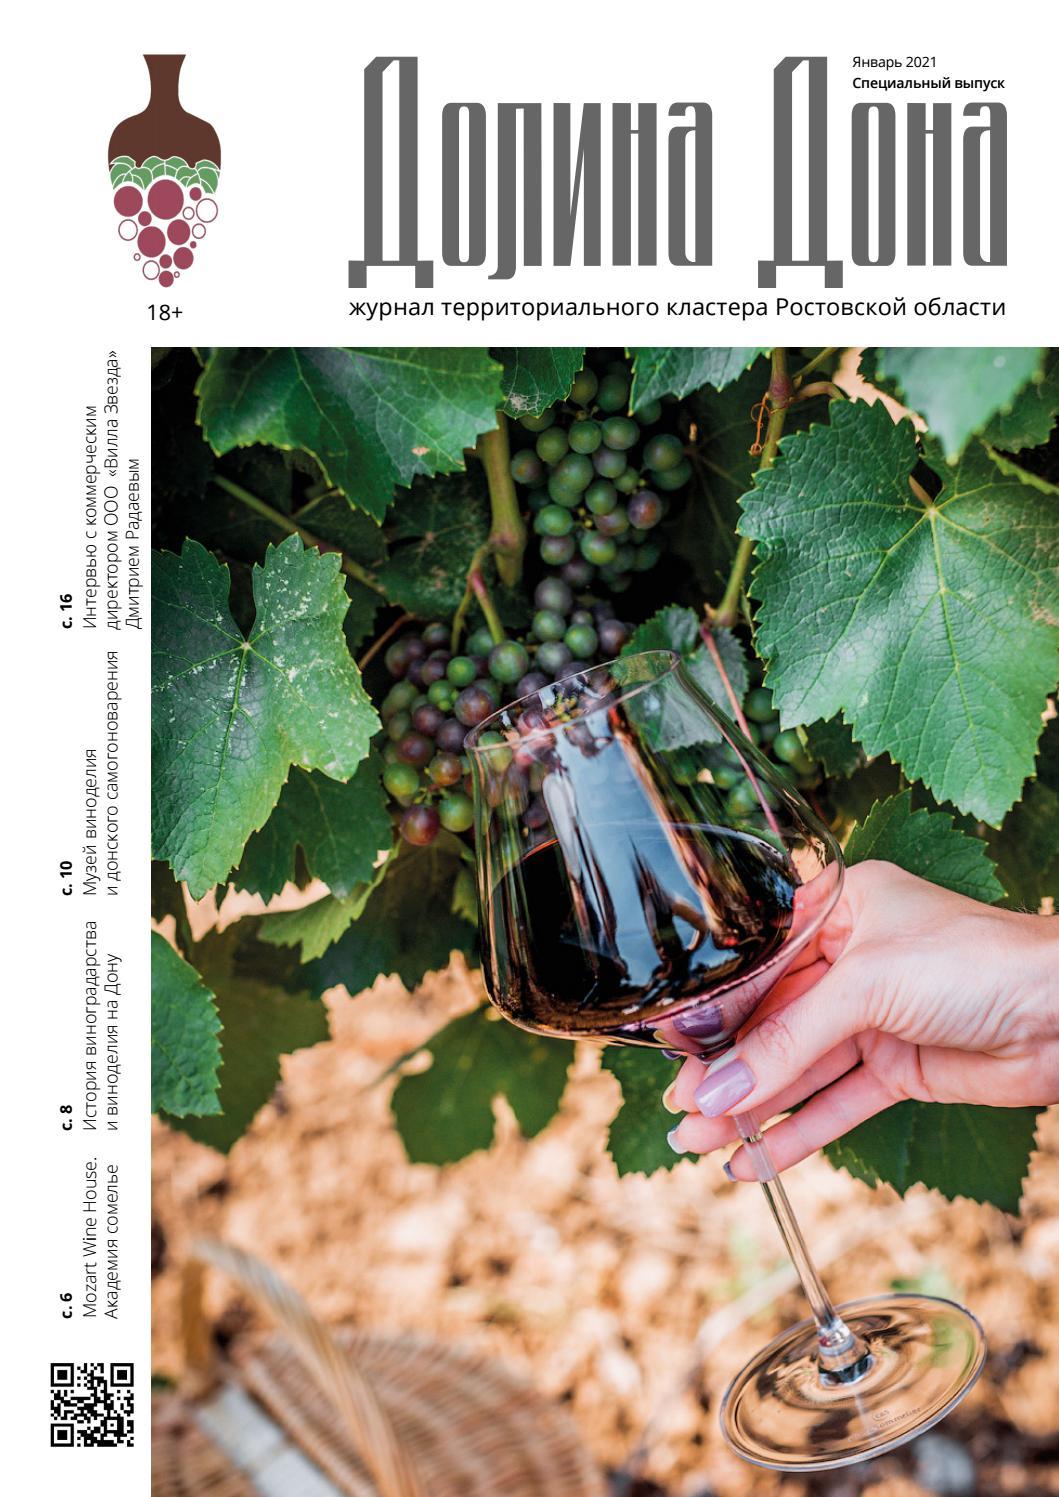 Долина Дона. Специальный выпуск, январь 2021